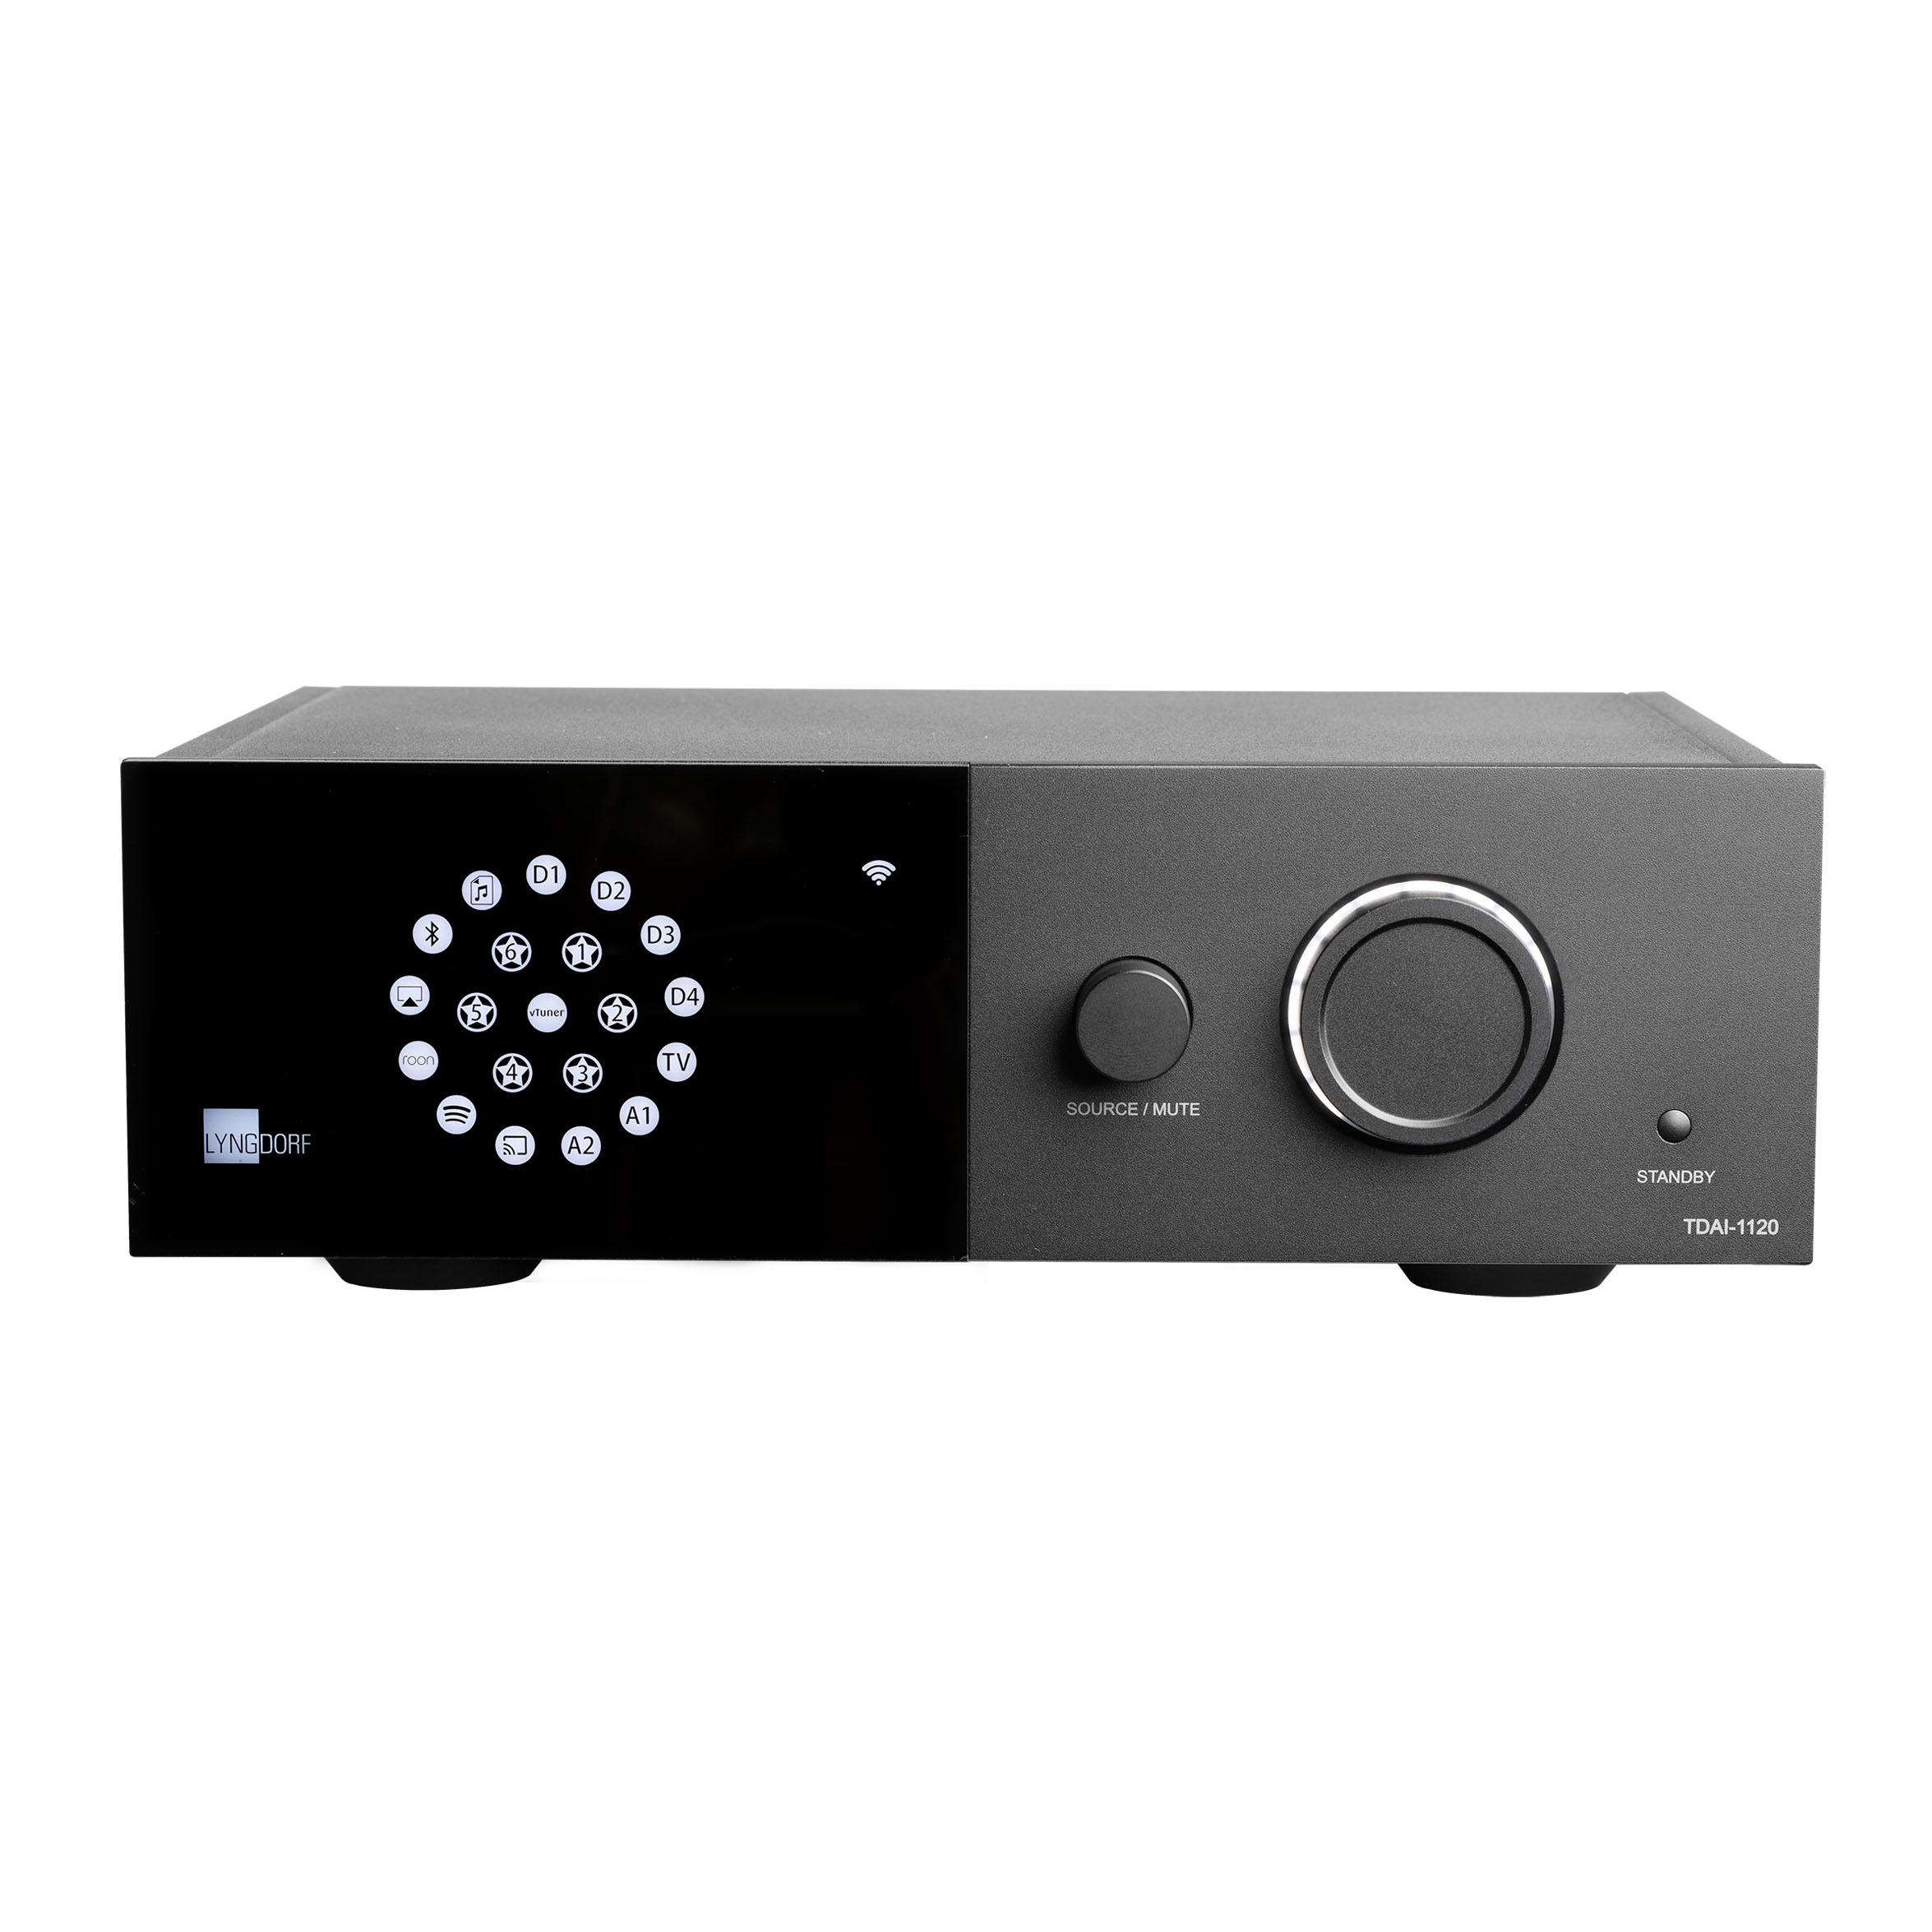 De Lyngdorf TDAI-1120 beschikt over een versterket met RoomPerfect en streaming